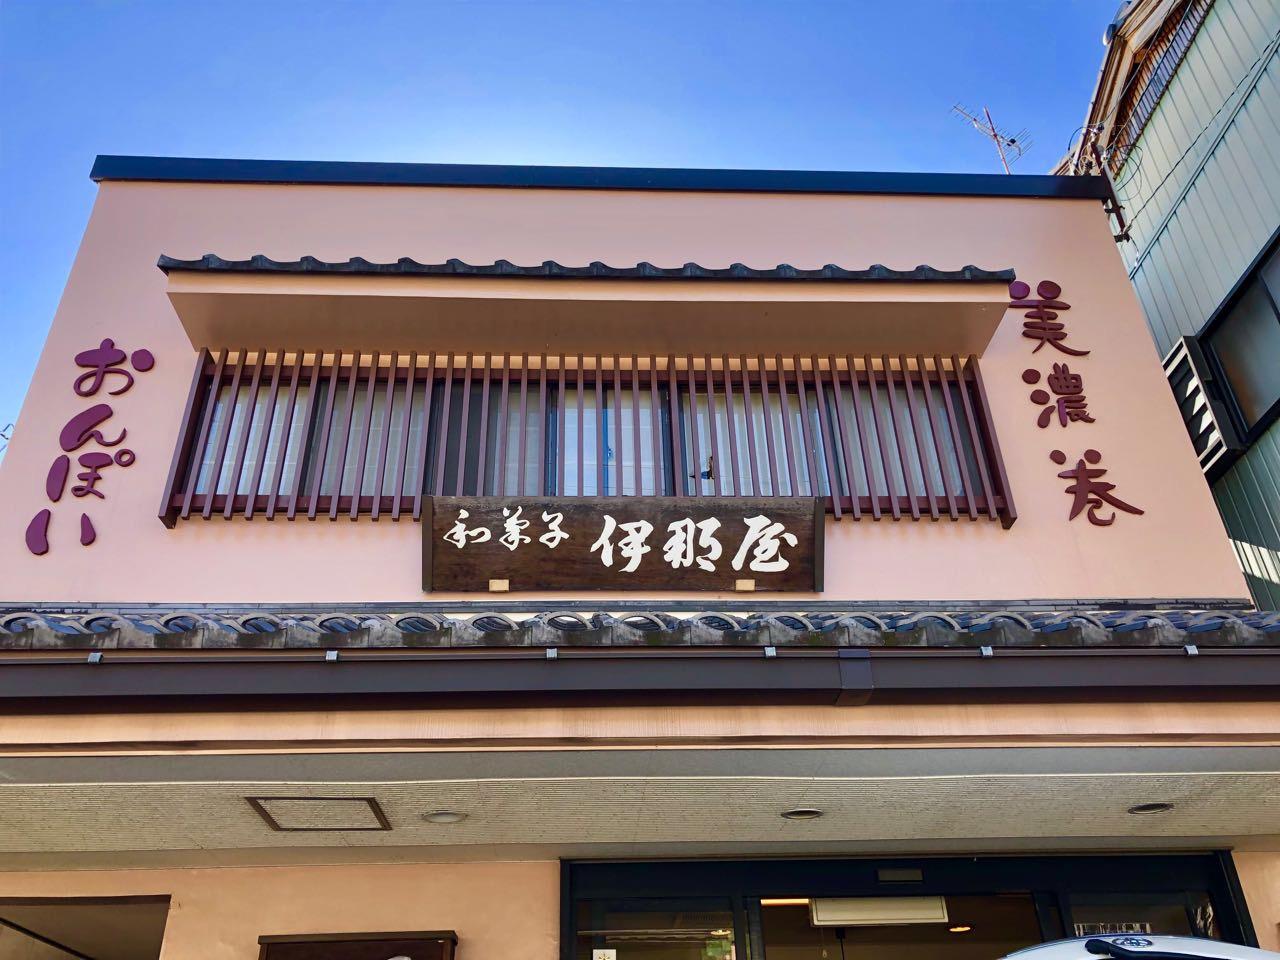 付知町の伊那屋のお店